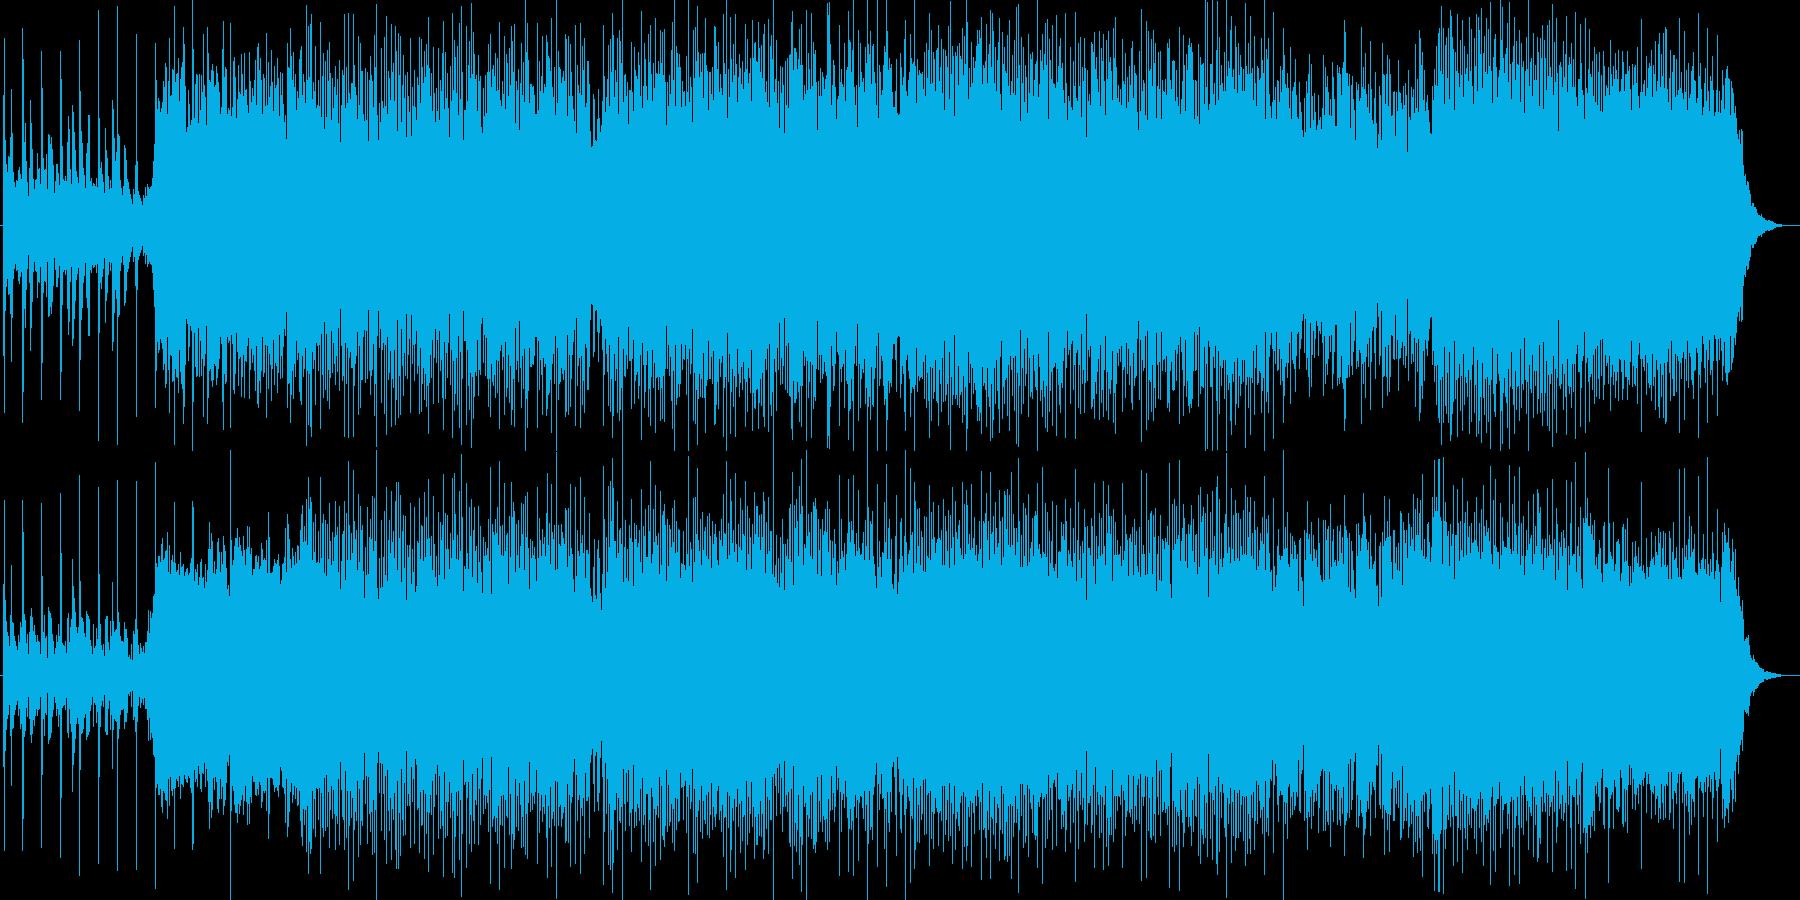 胸がきゅっとする、懐かしい曲調のポップスの再生済みの波形